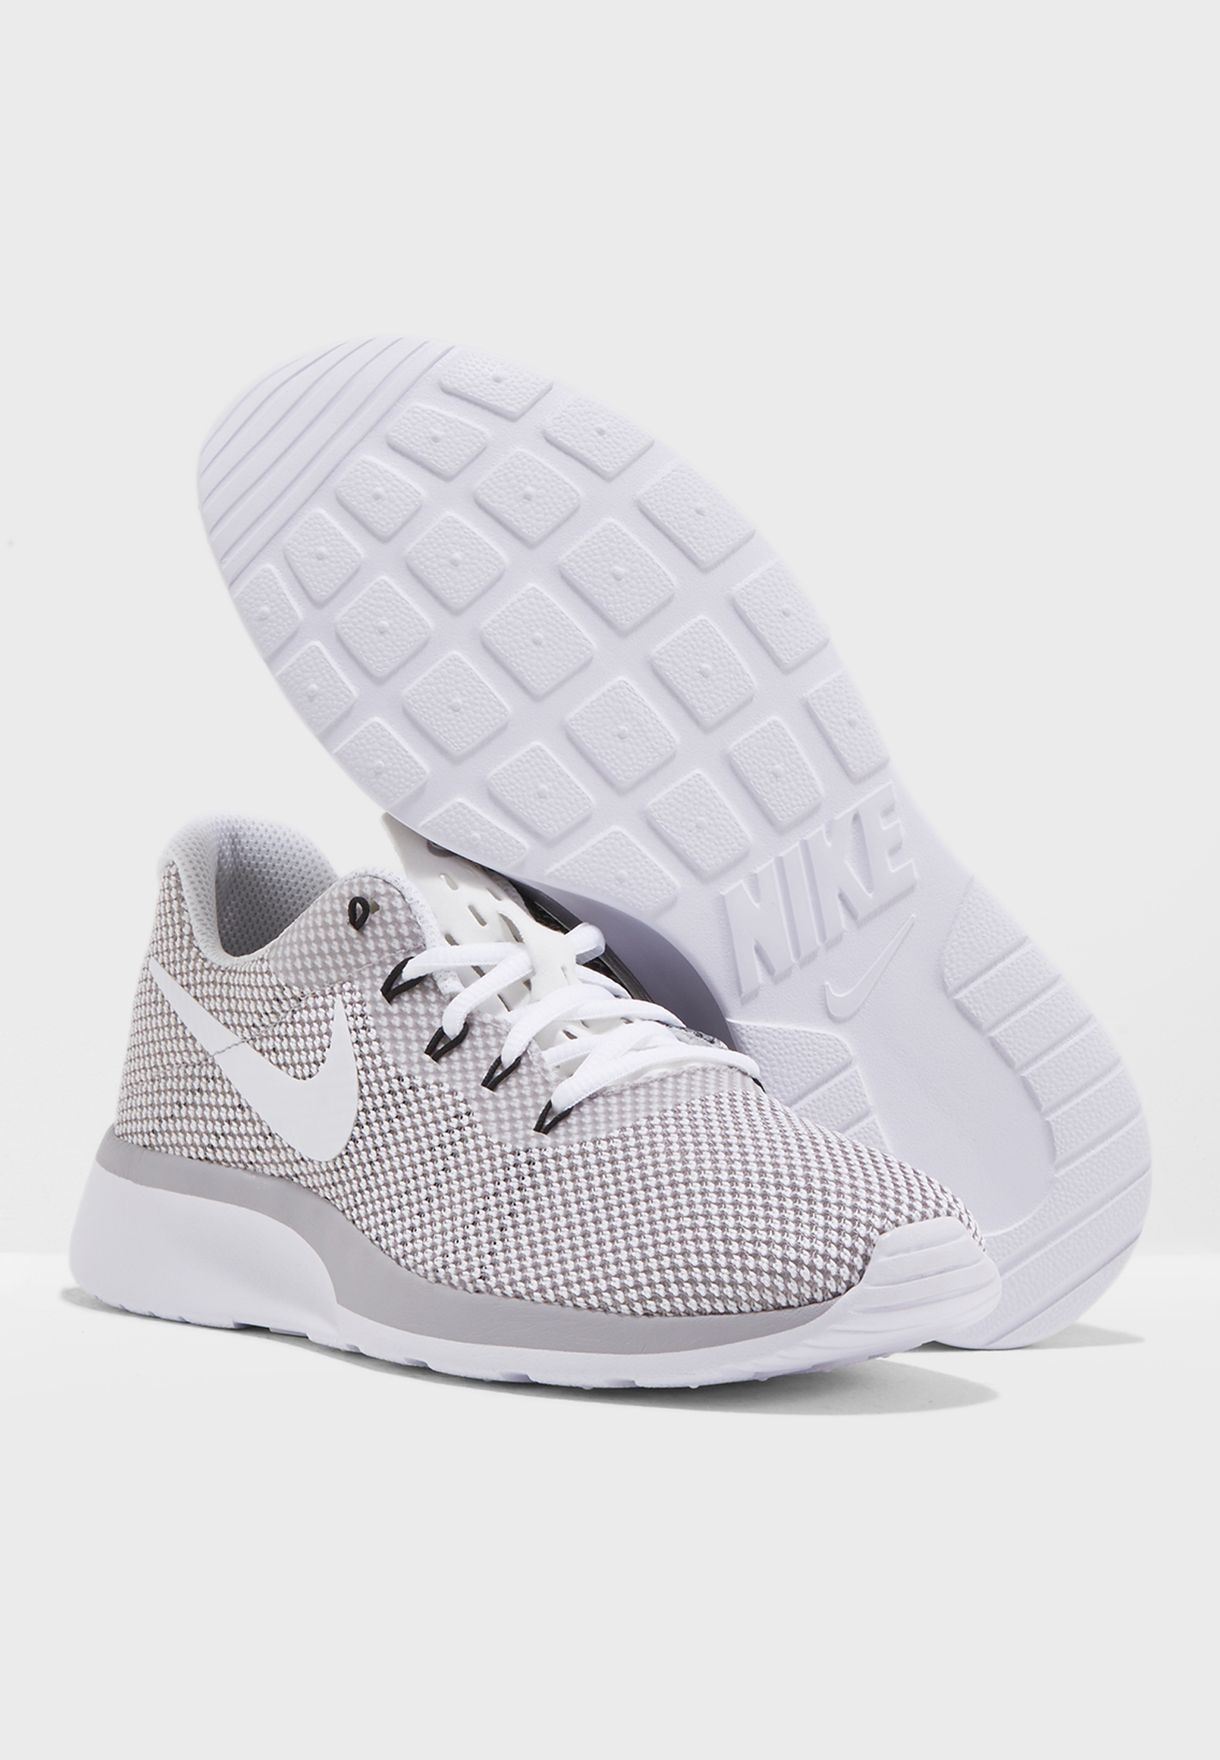 0d520d51988f33 Shop Nike monochrome Tanjun Racer 921668-102 for Women in UAE ...